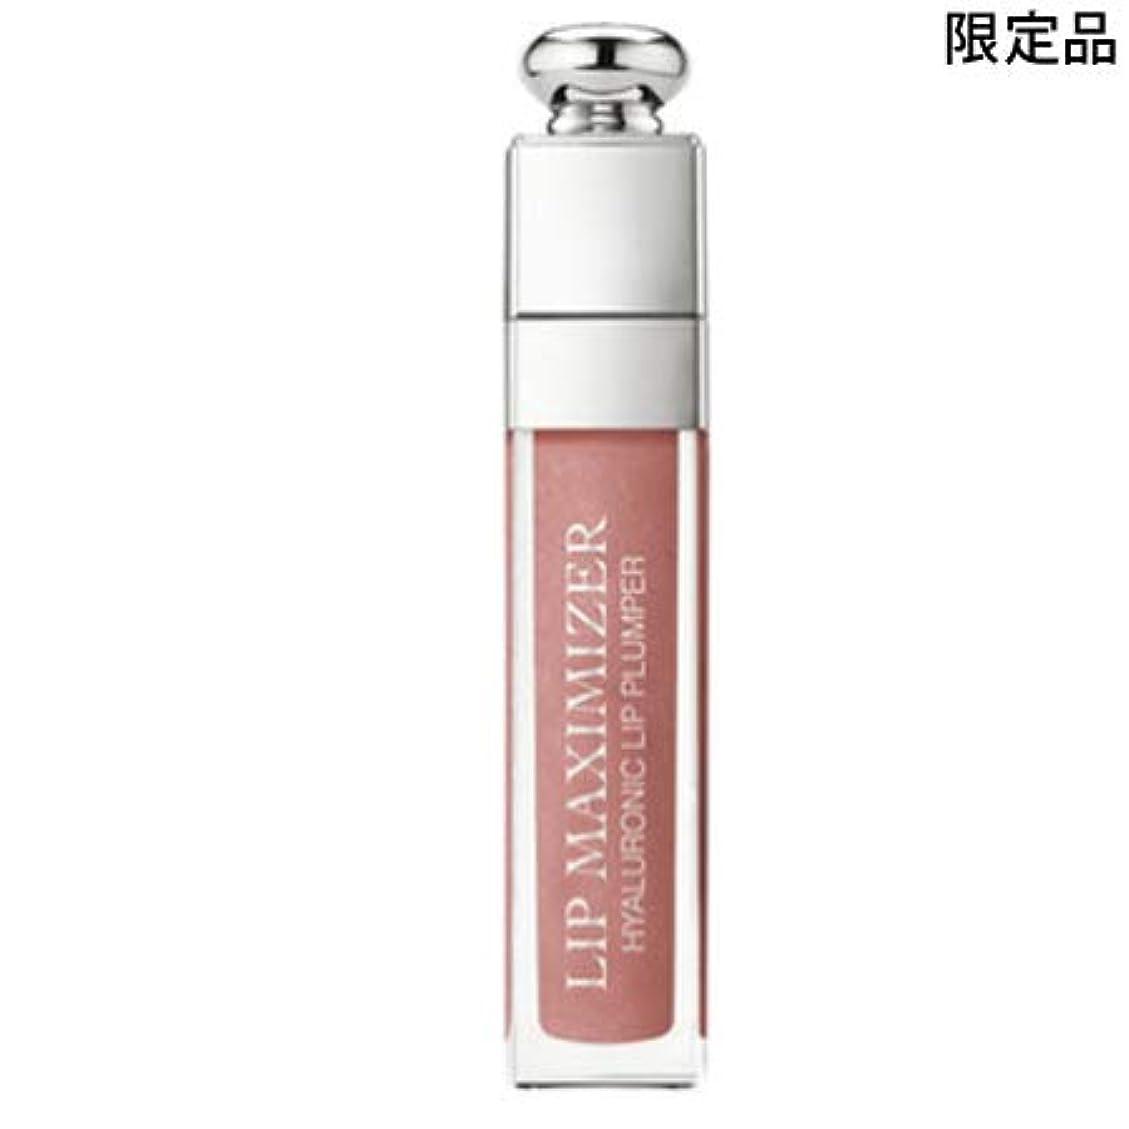 ブロック東方効率Dior(ディオール) アディクト リップ マキシマイザー #012 ローズウッド 限定色